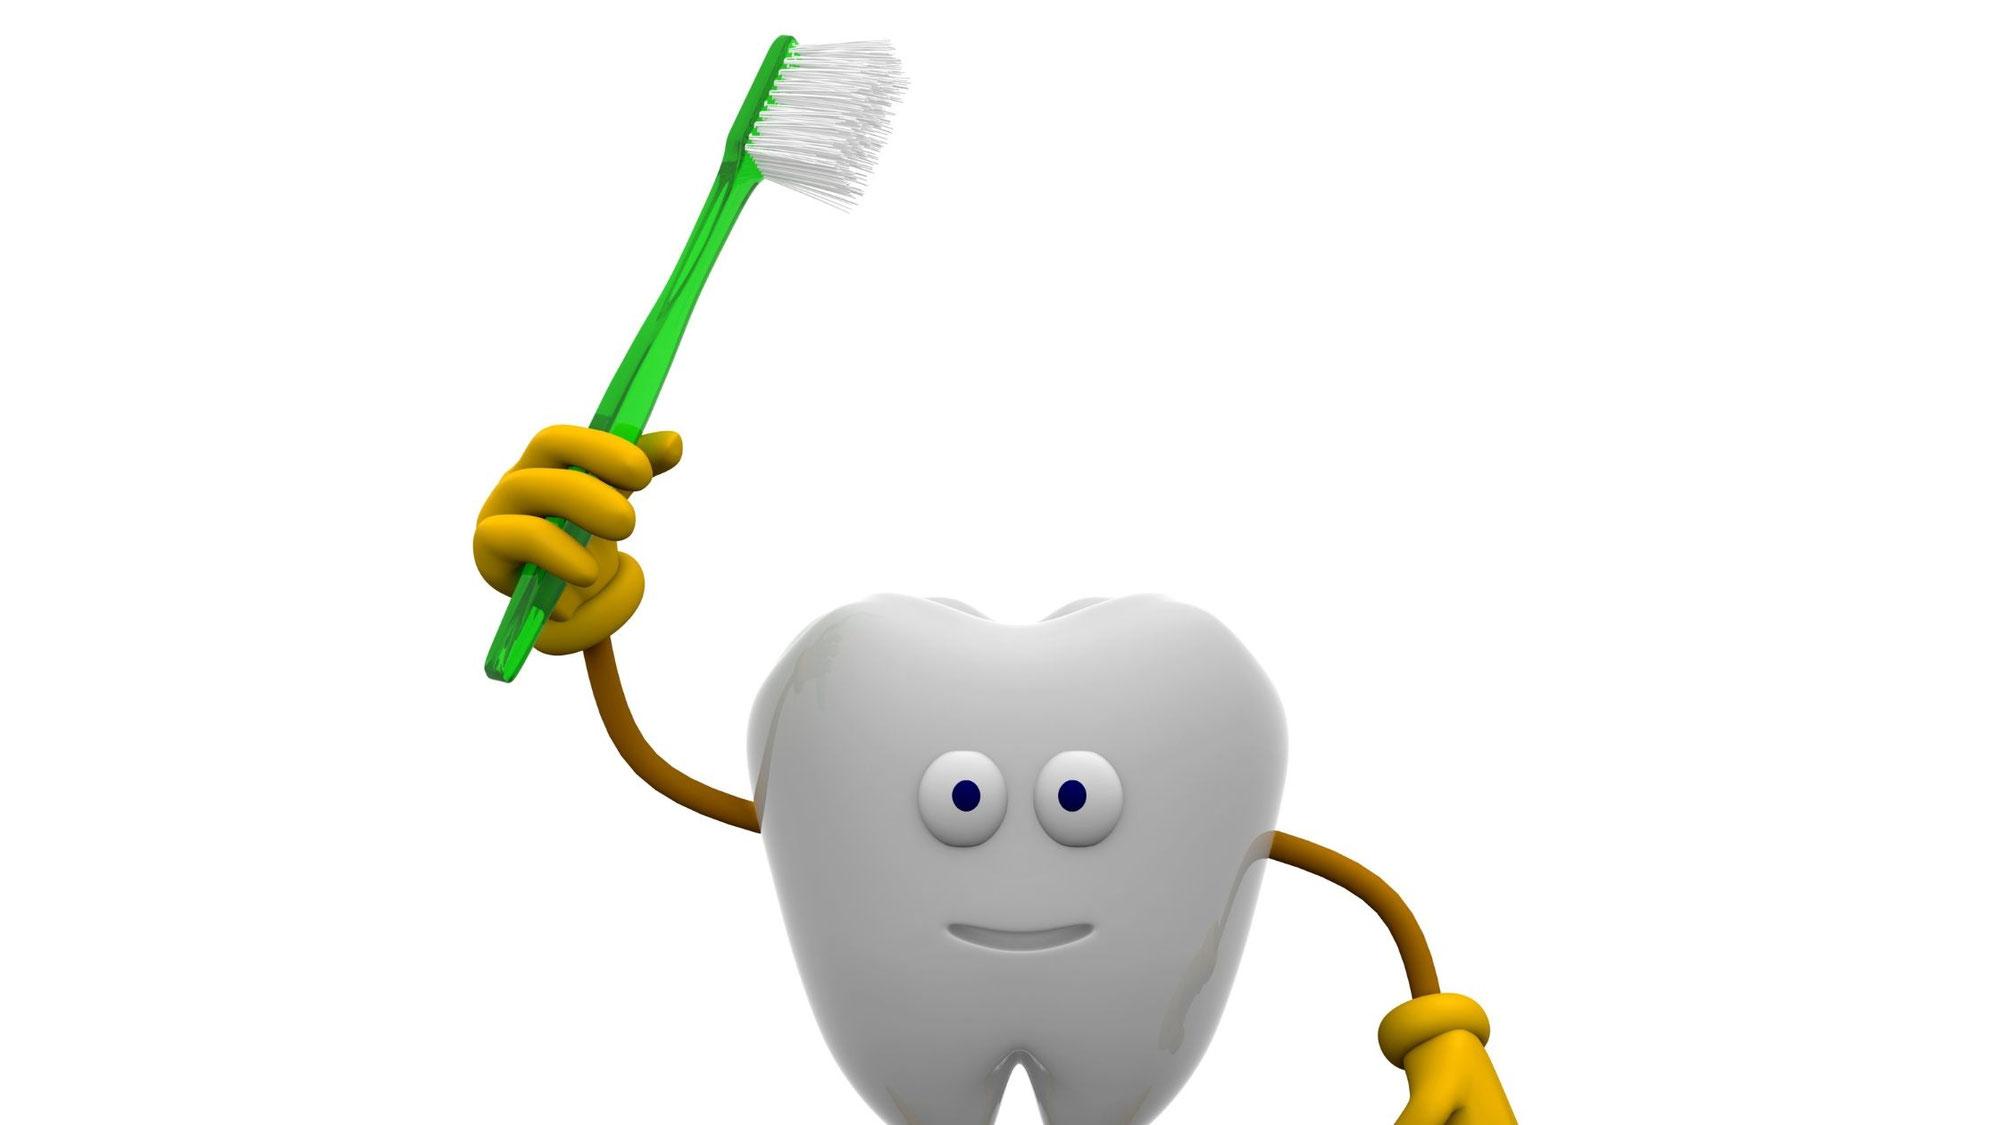 心置きなく歯磨きできるテレワーク